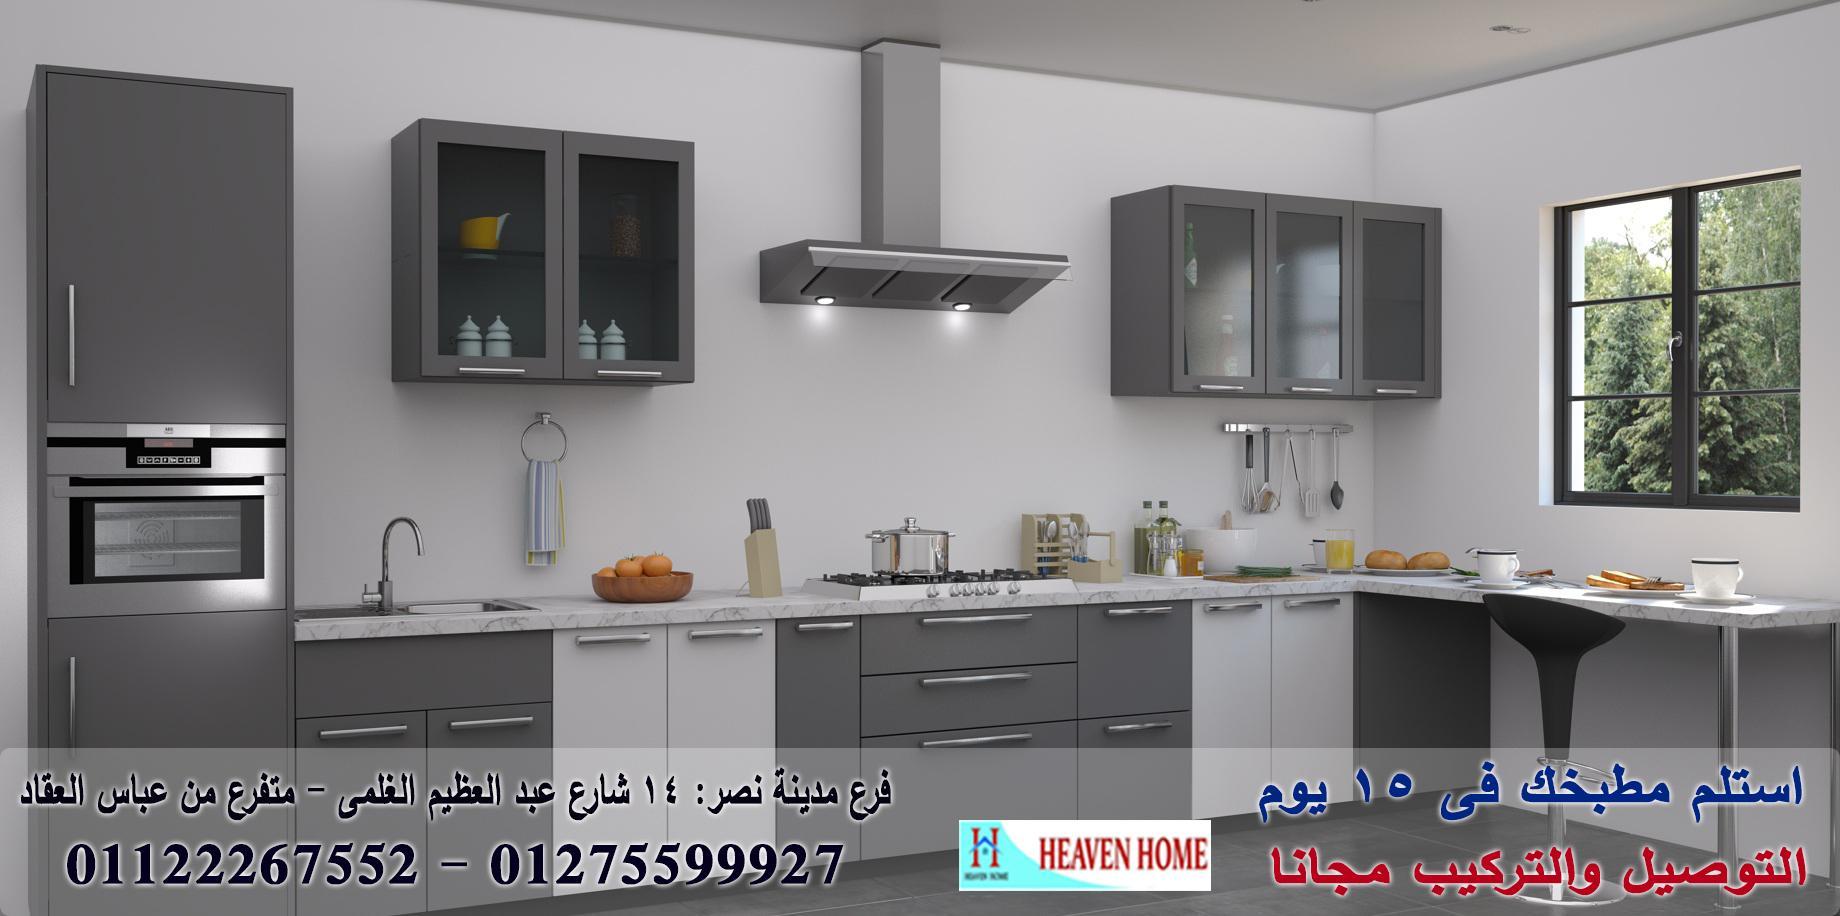 مطابخ اكريليك * استلم مطبخك فى 15 يوم  01122267552 355840180